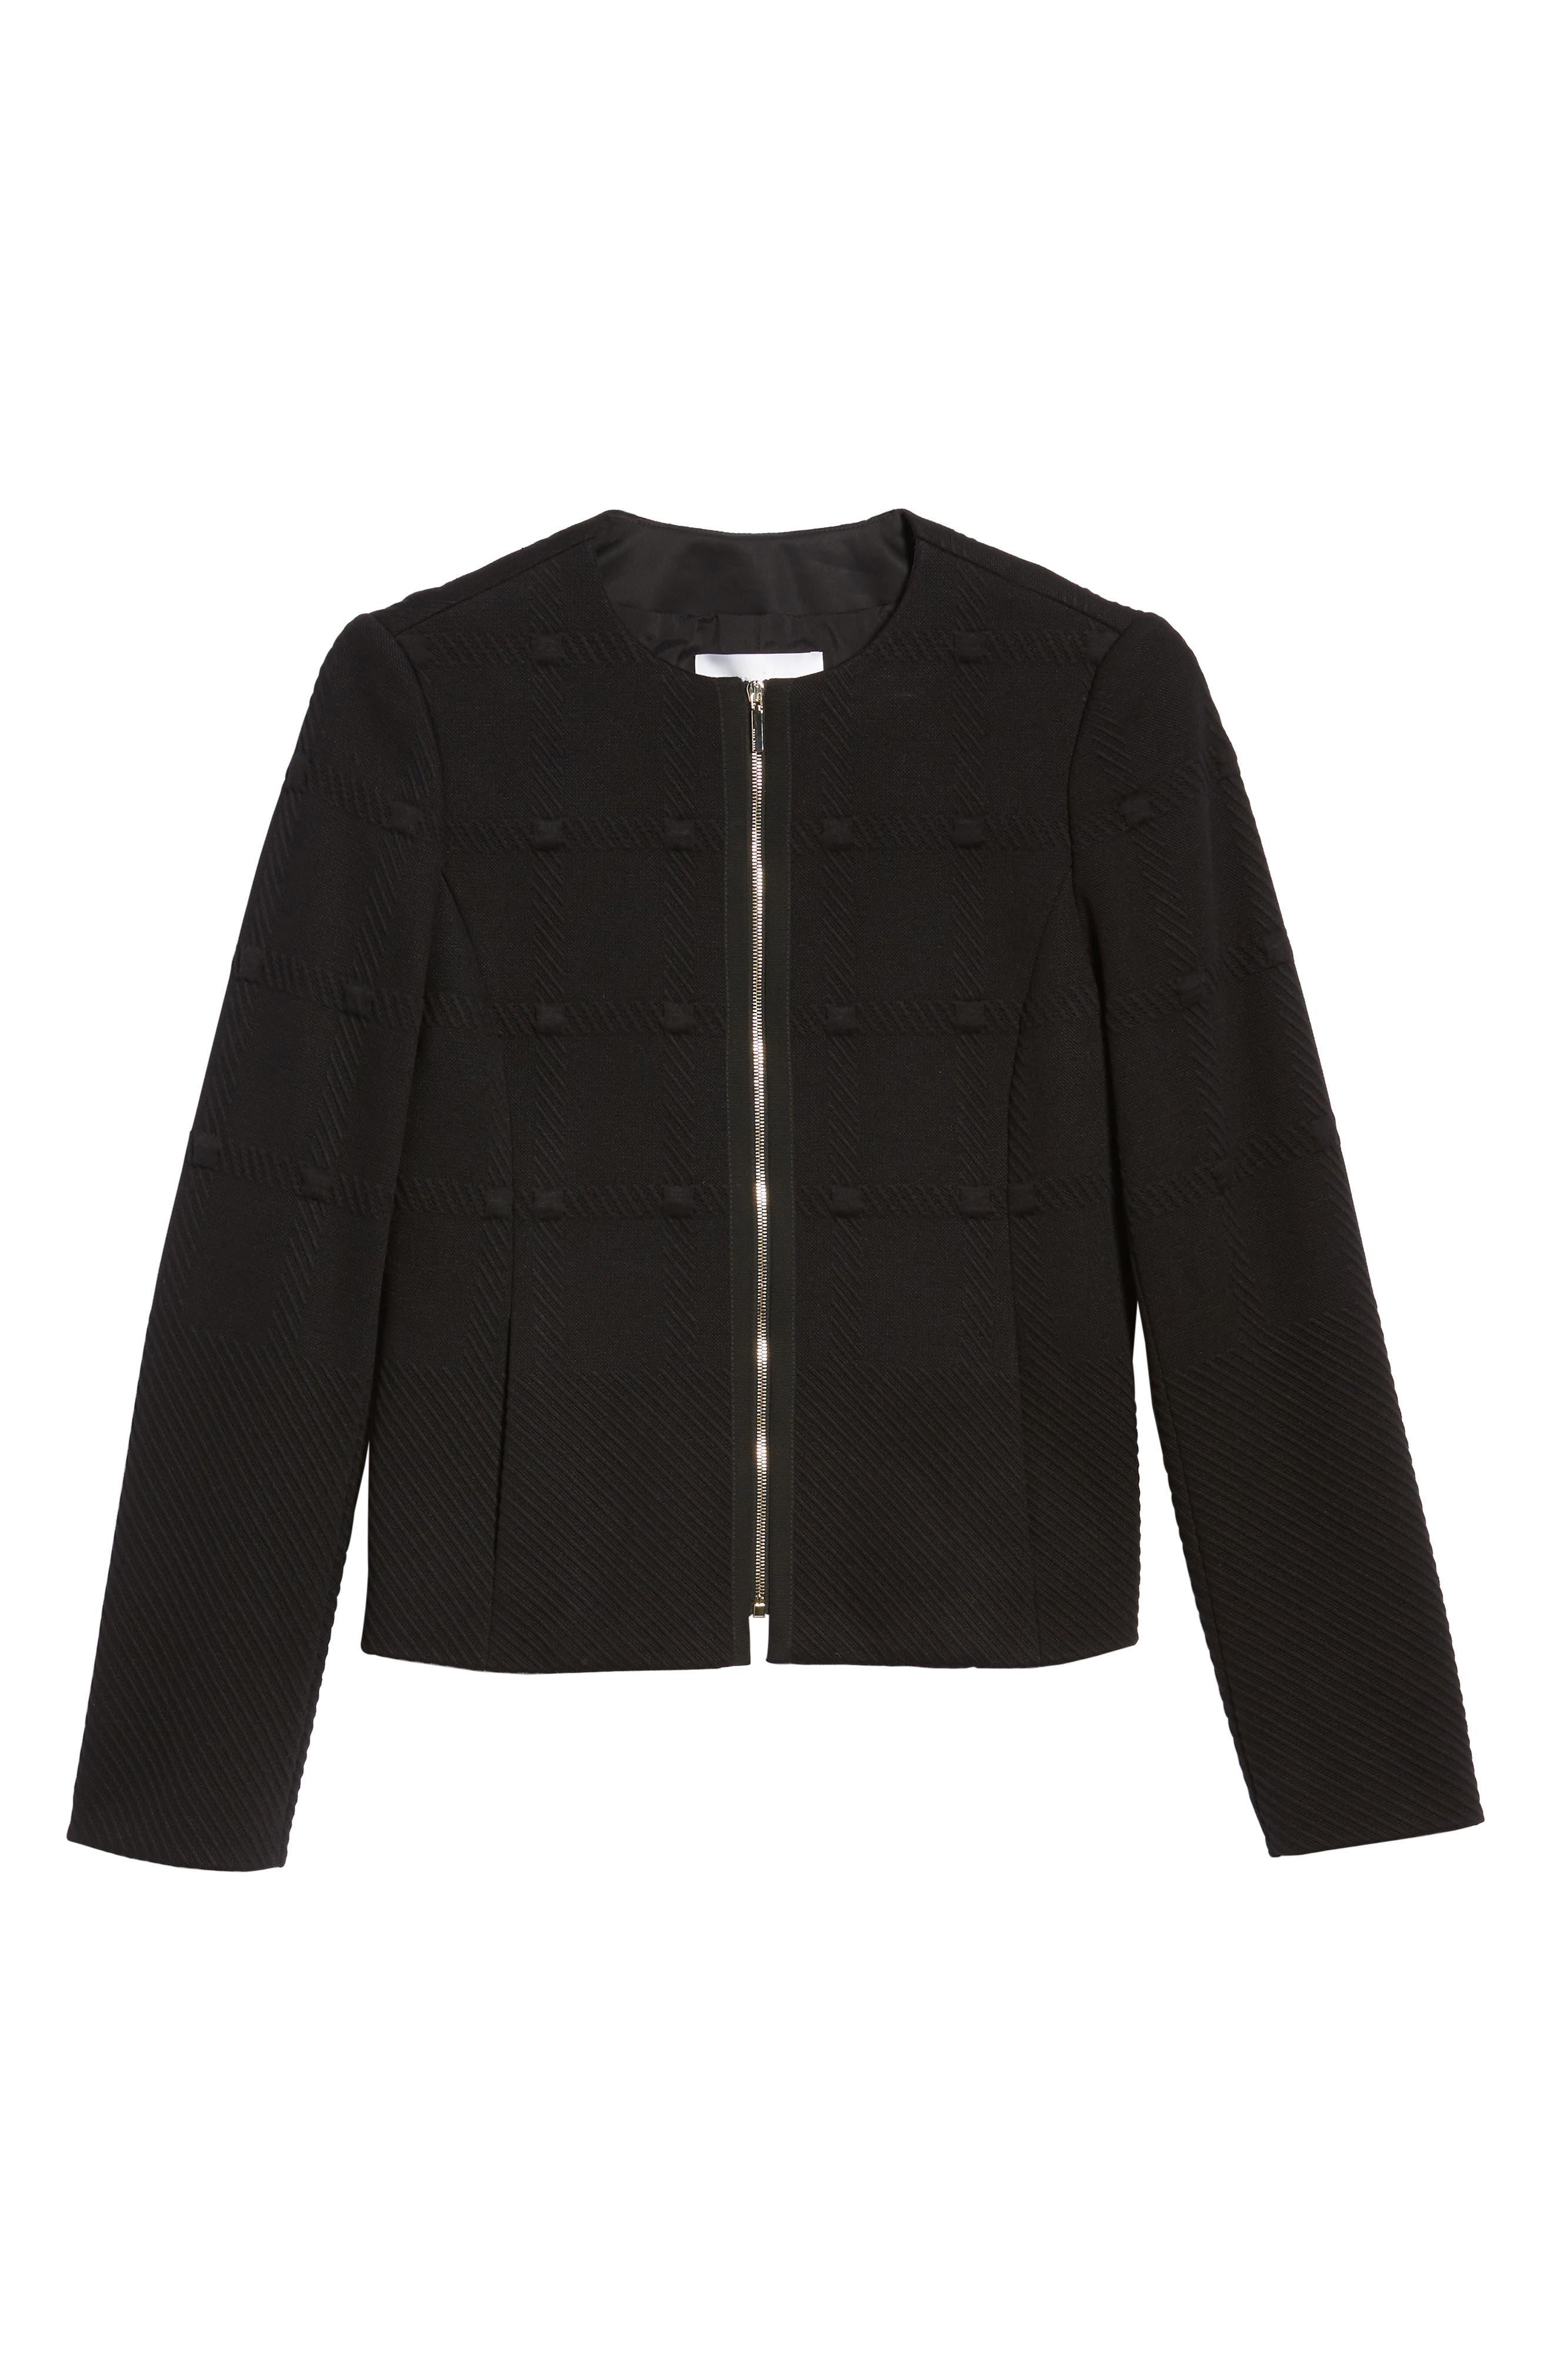 Kanelli Jacquard Jacket,                             Alternate thumbnail 7, color,                             Black